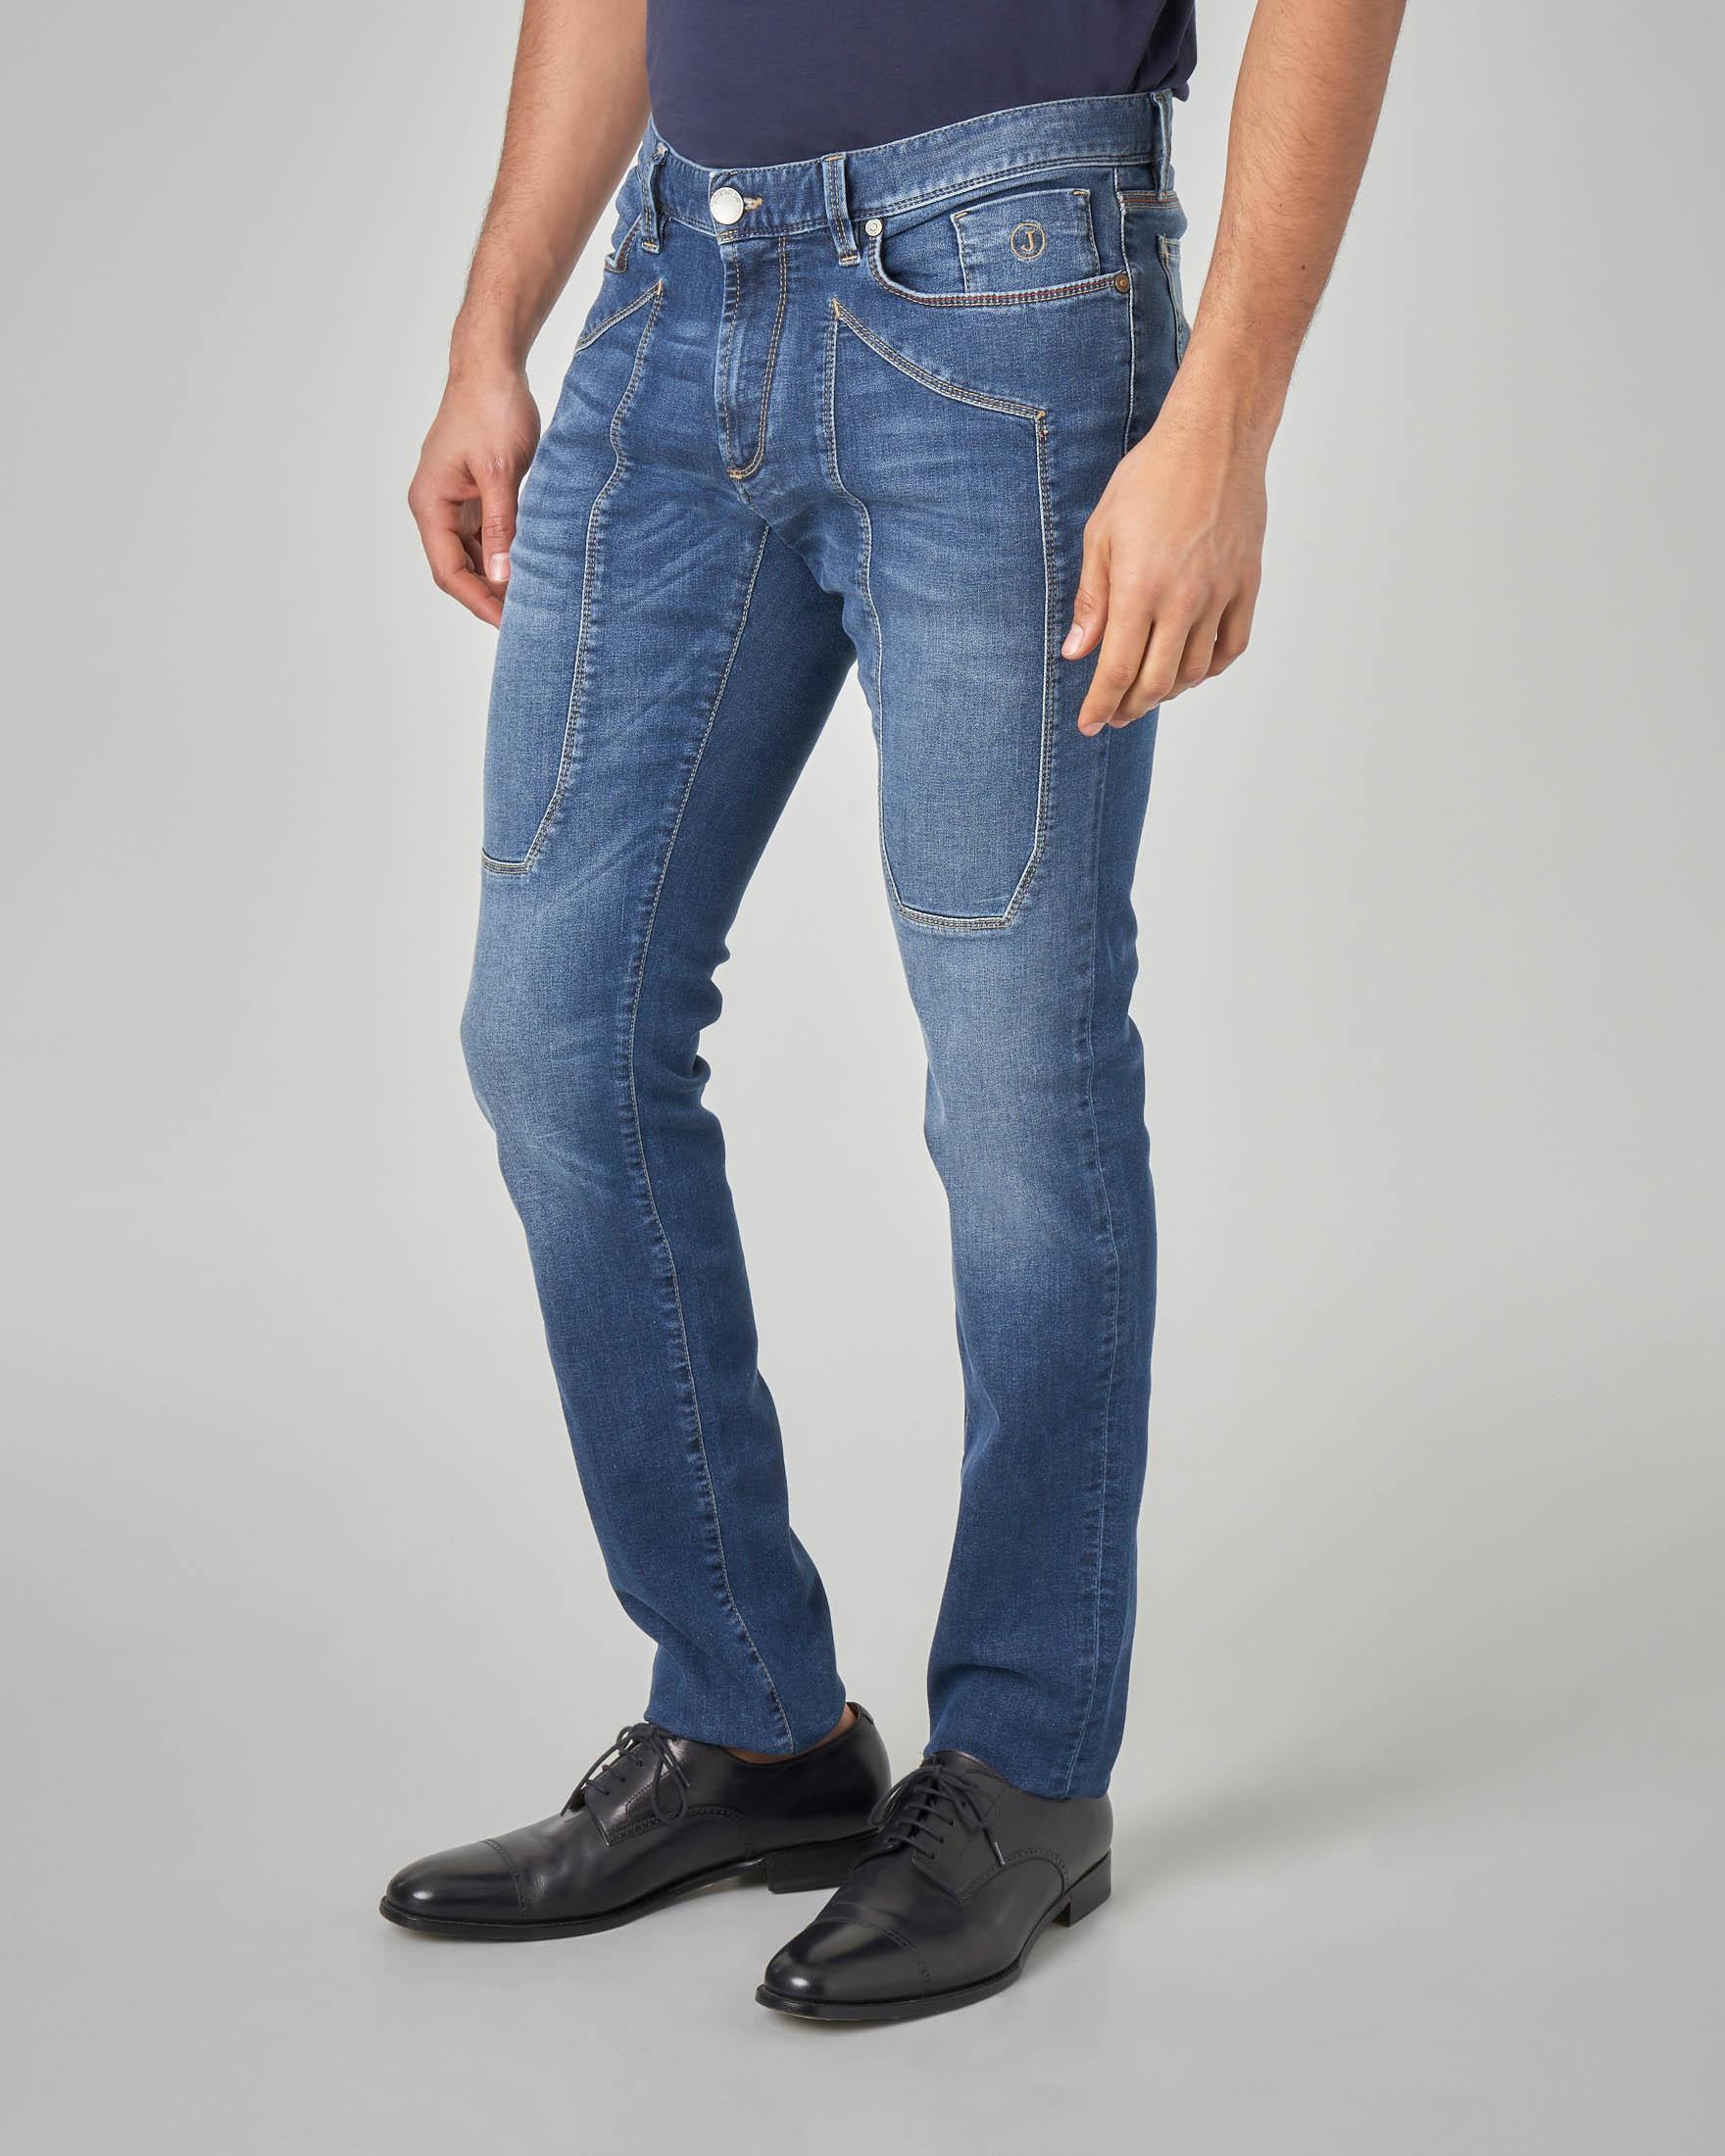 Jeans PA77 con toppa lavaggio stone wash